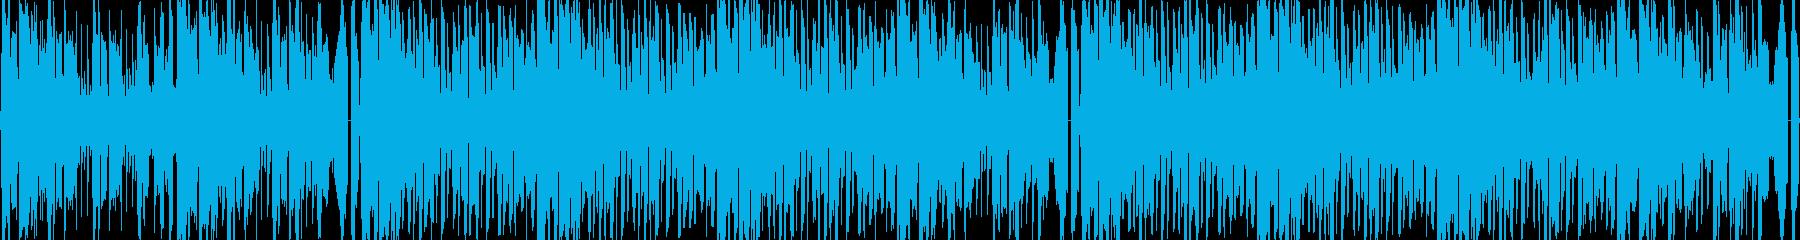 未来感のある煌びやかなループBGMの再生済みの波形